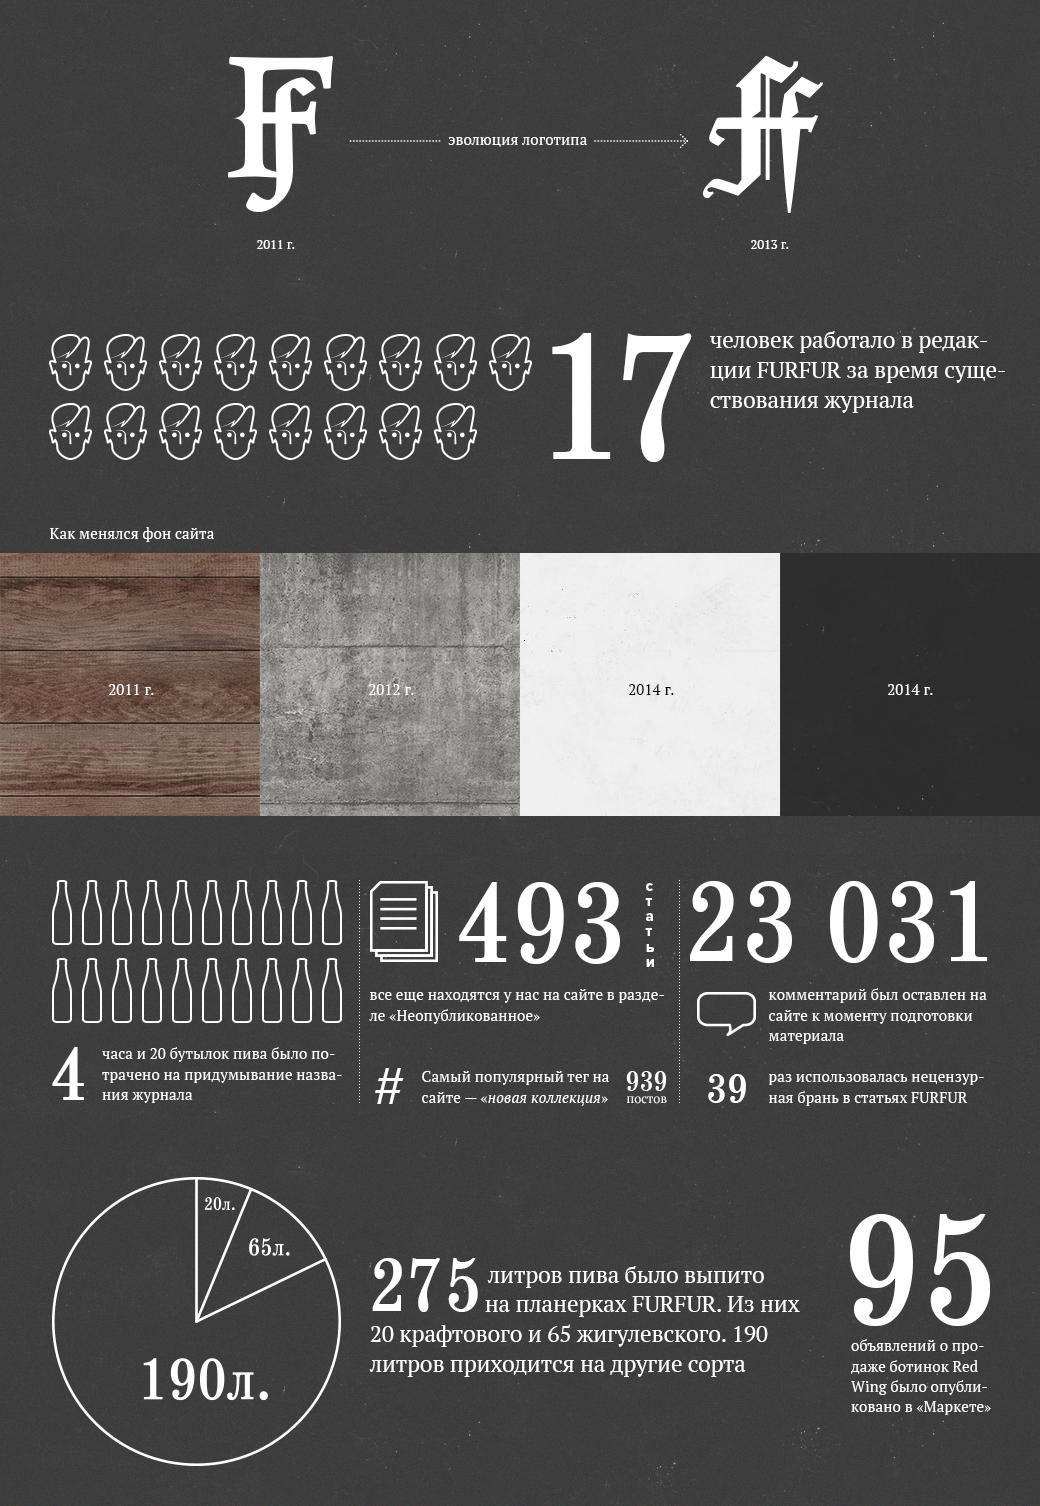 FURFUR в цифрах и фактах: Редакция подводит итоги к перезапуску сайта . Изображение № 1.